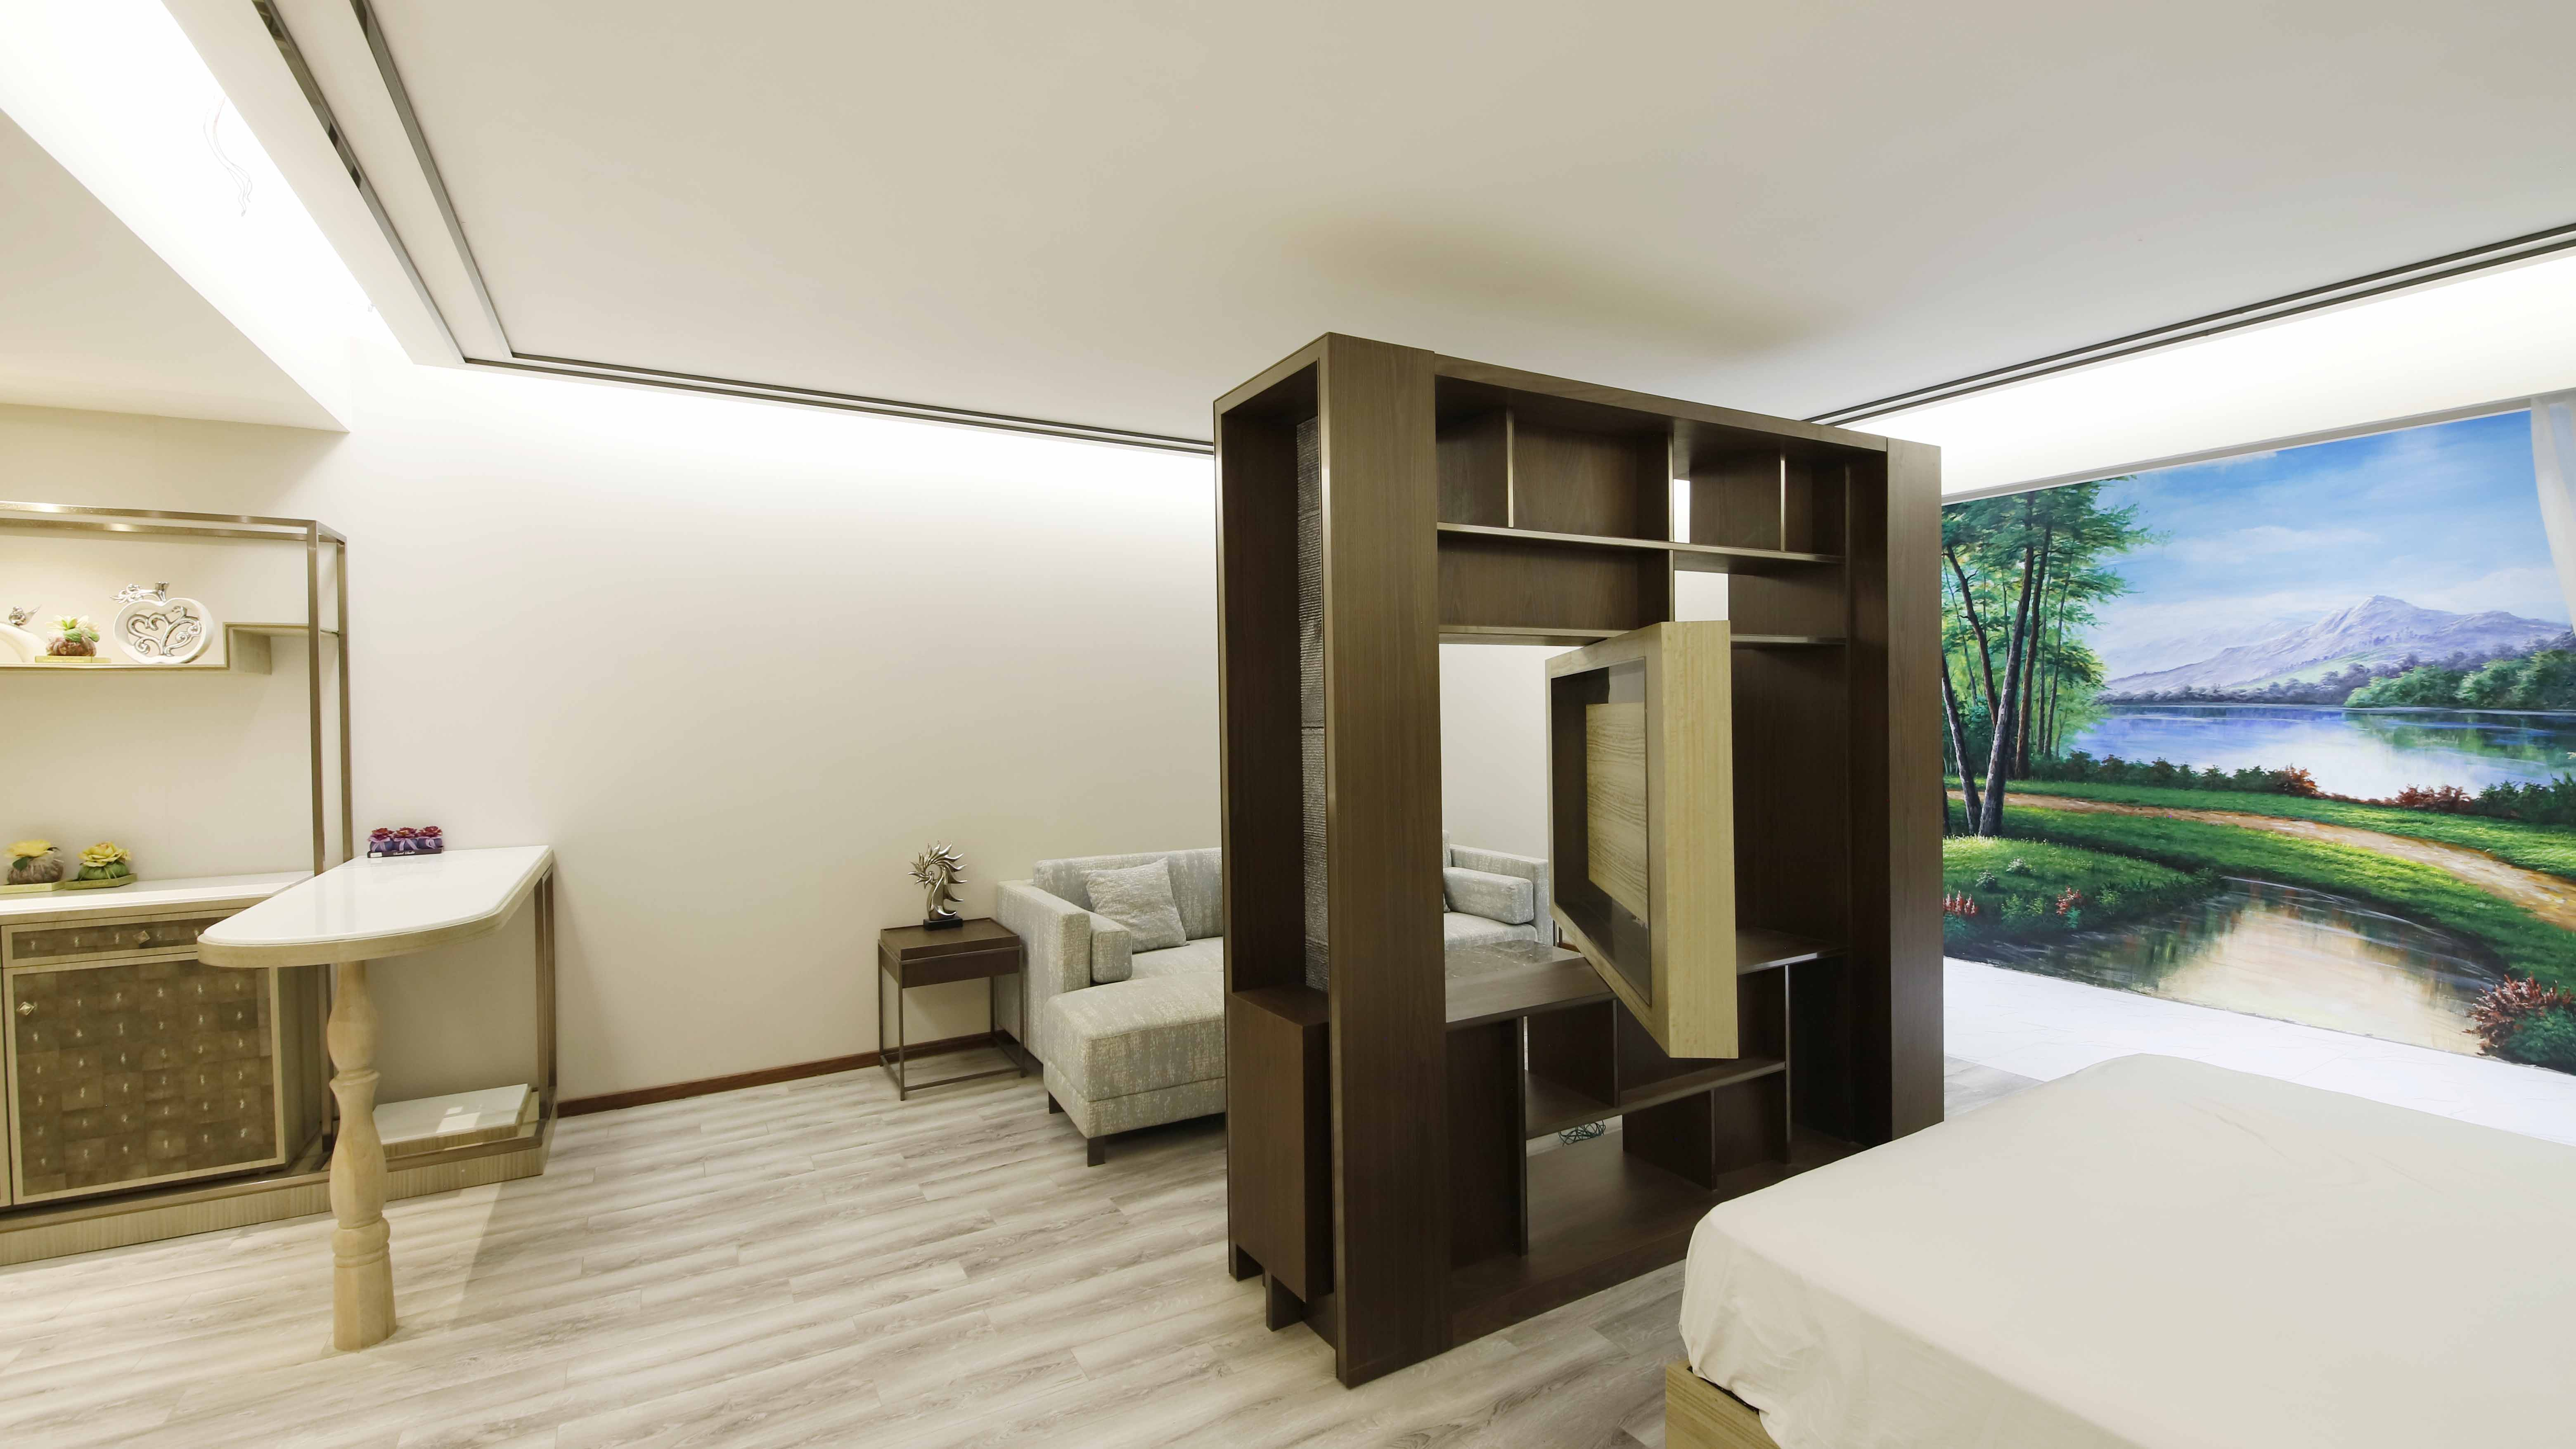 Suite furniture model room for hyatt hotel